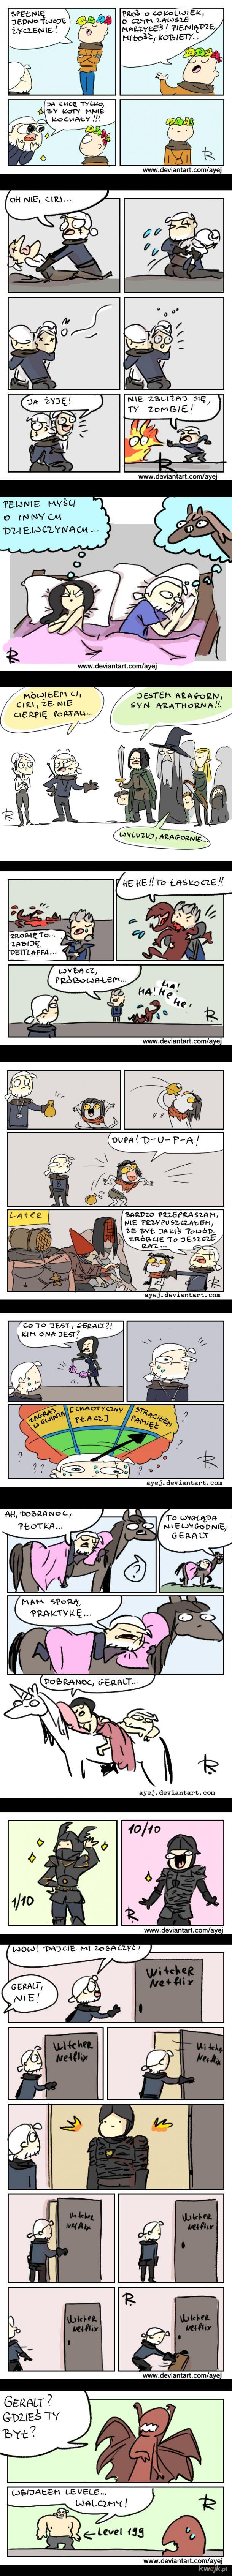 Wiedźminowe Komiksy 2 (by Ayej)